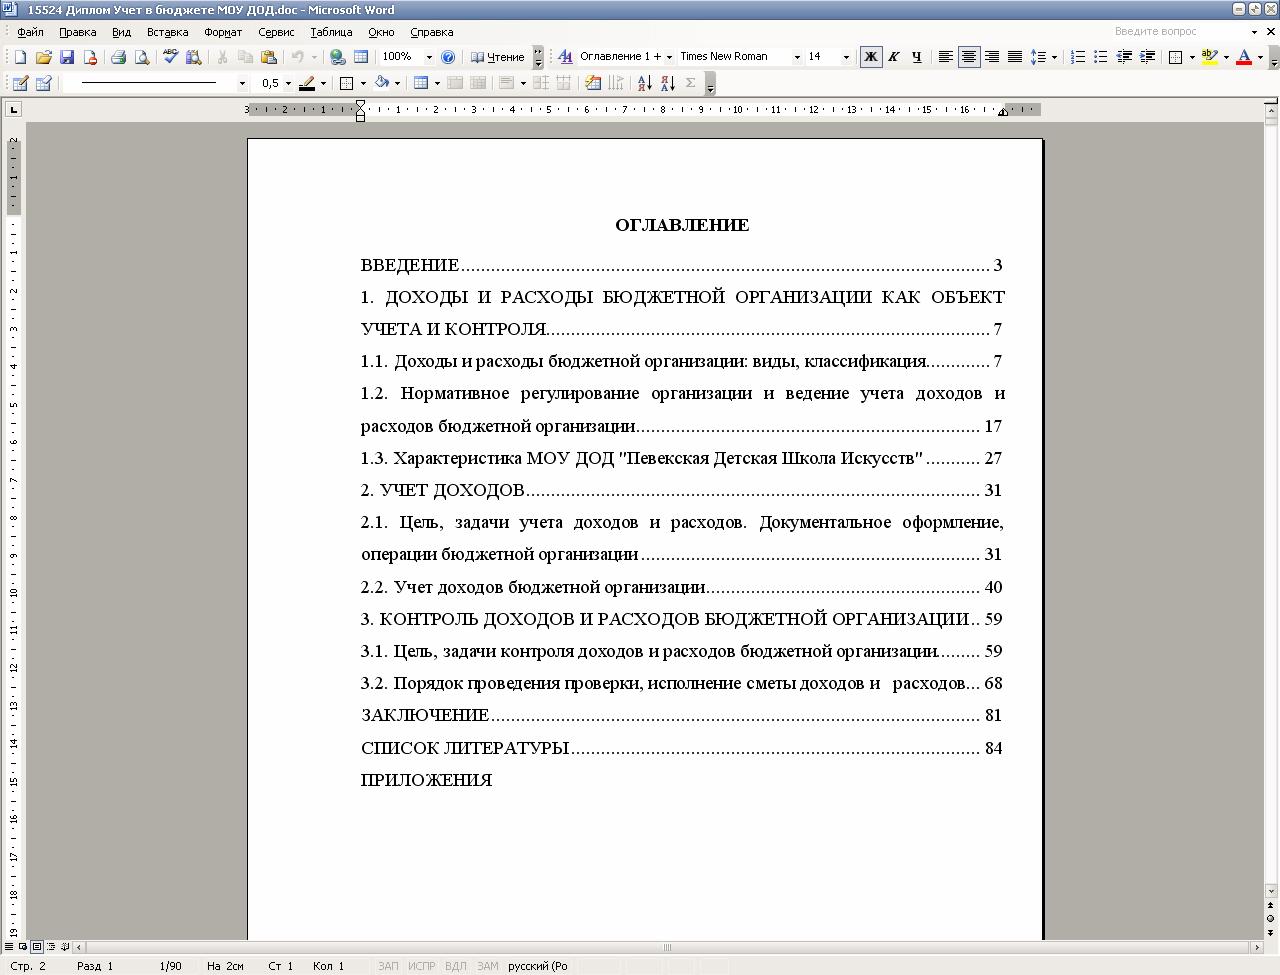 список литературы к диссертации образец